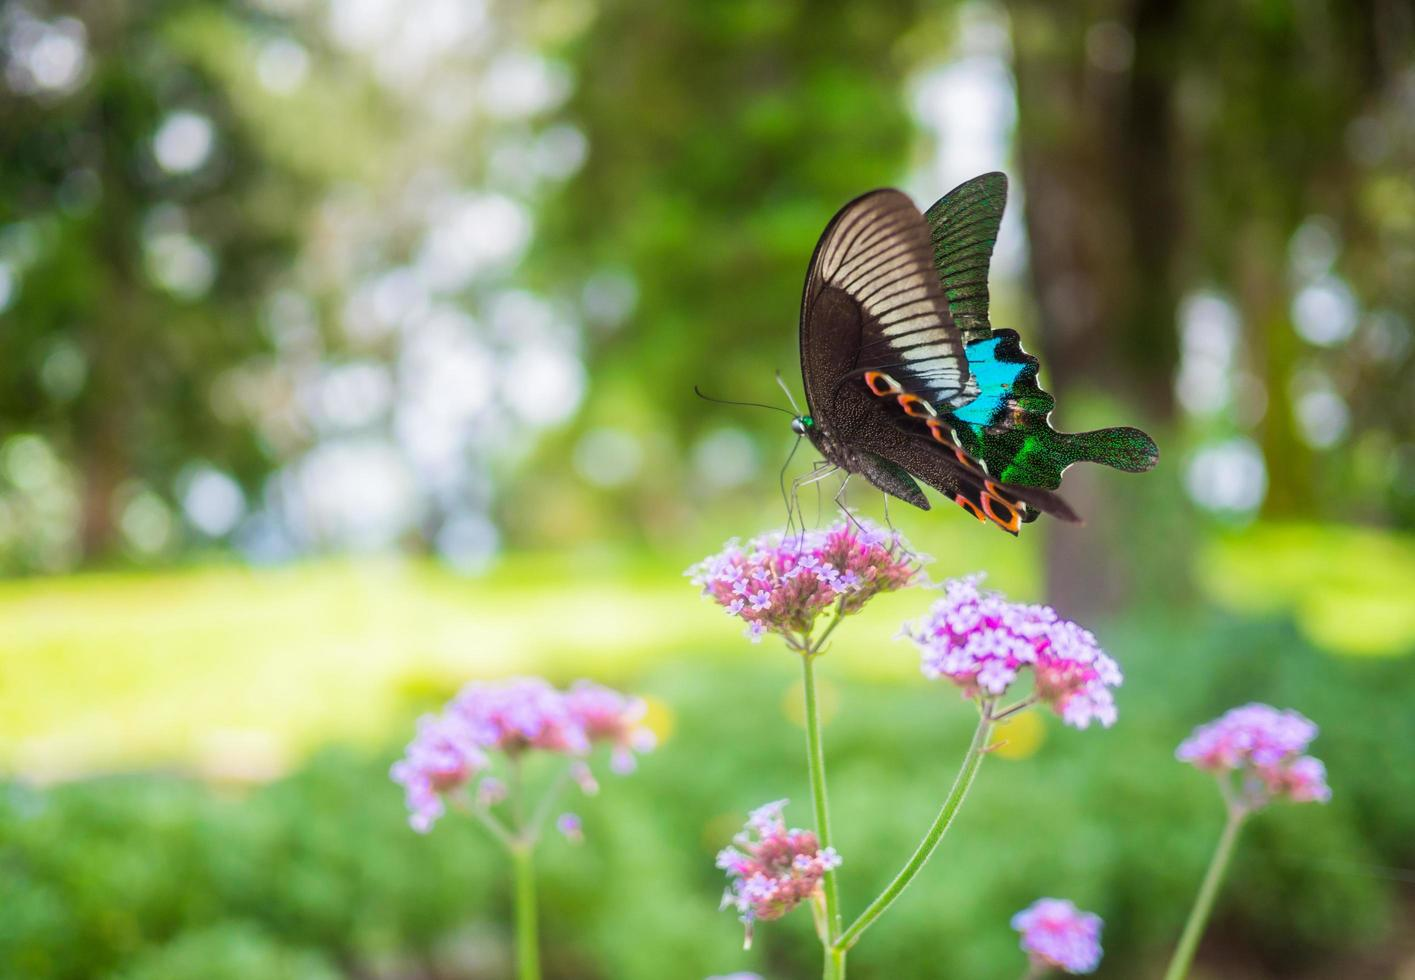 bella farfalla atterraggio su fiori rosa foto